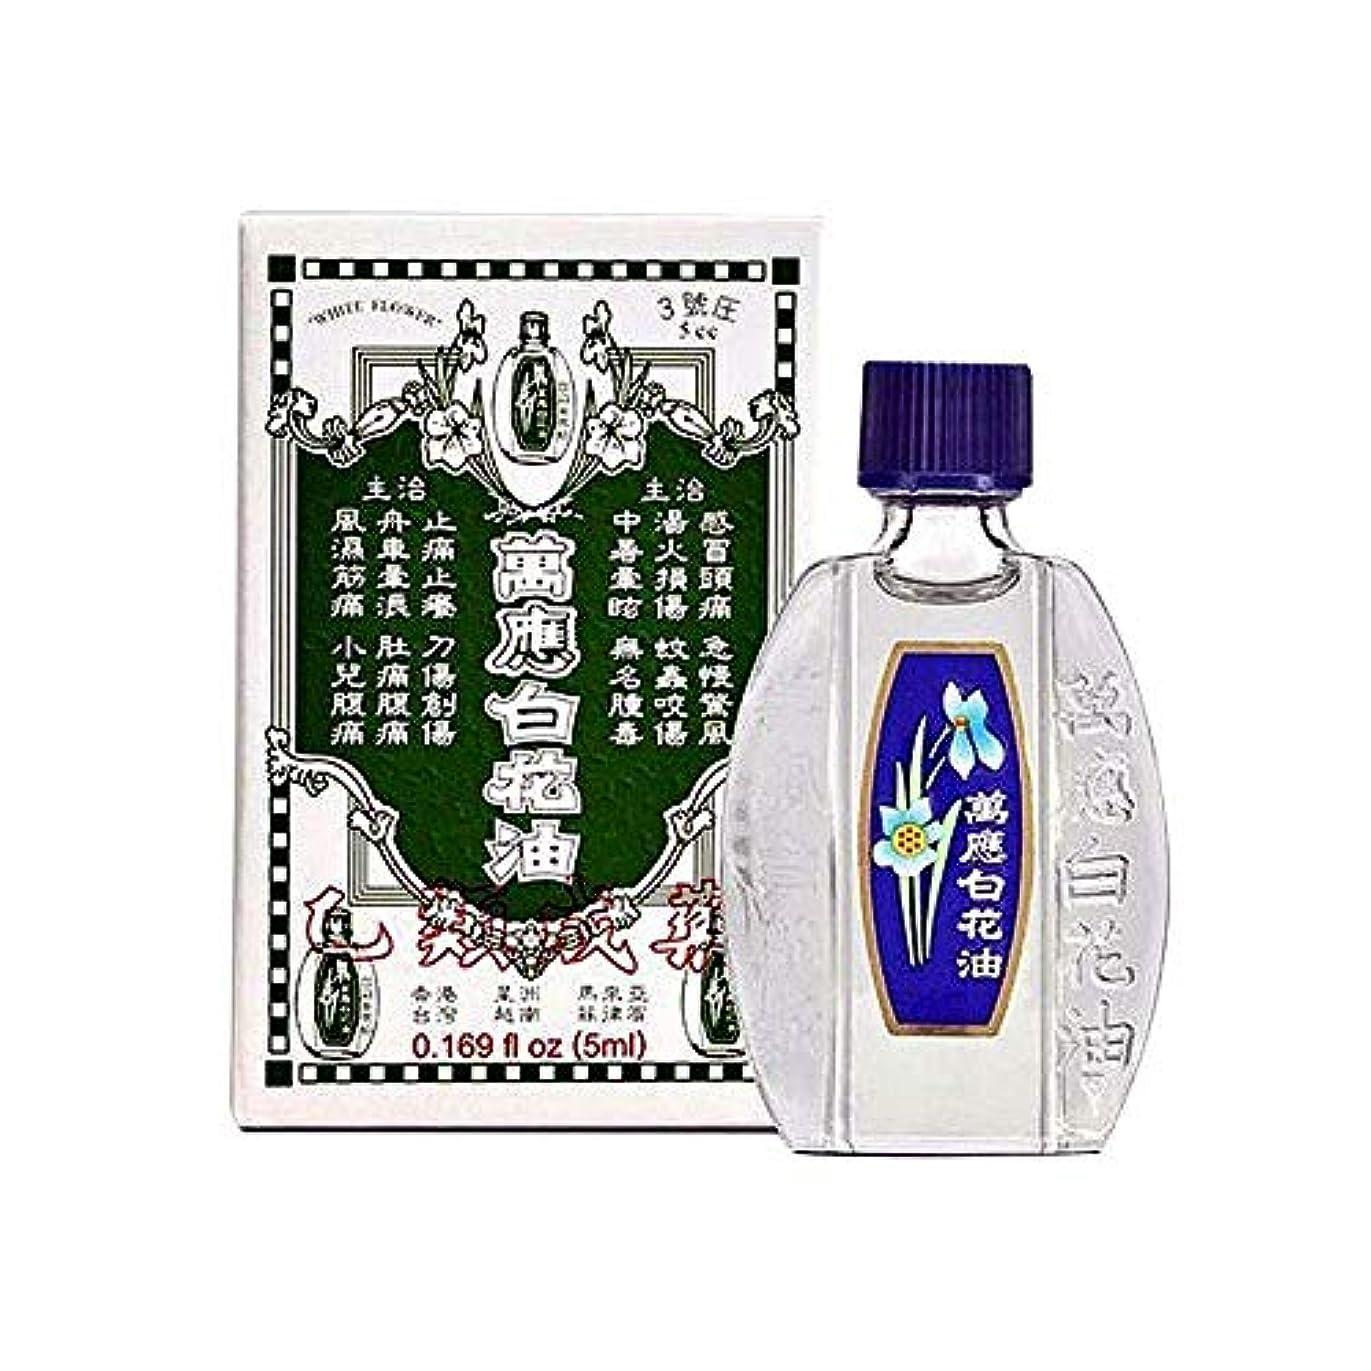 配送現代素晴らしい《萬應白花油》 台湾の万能アロマオイル 万能白花油 5ml